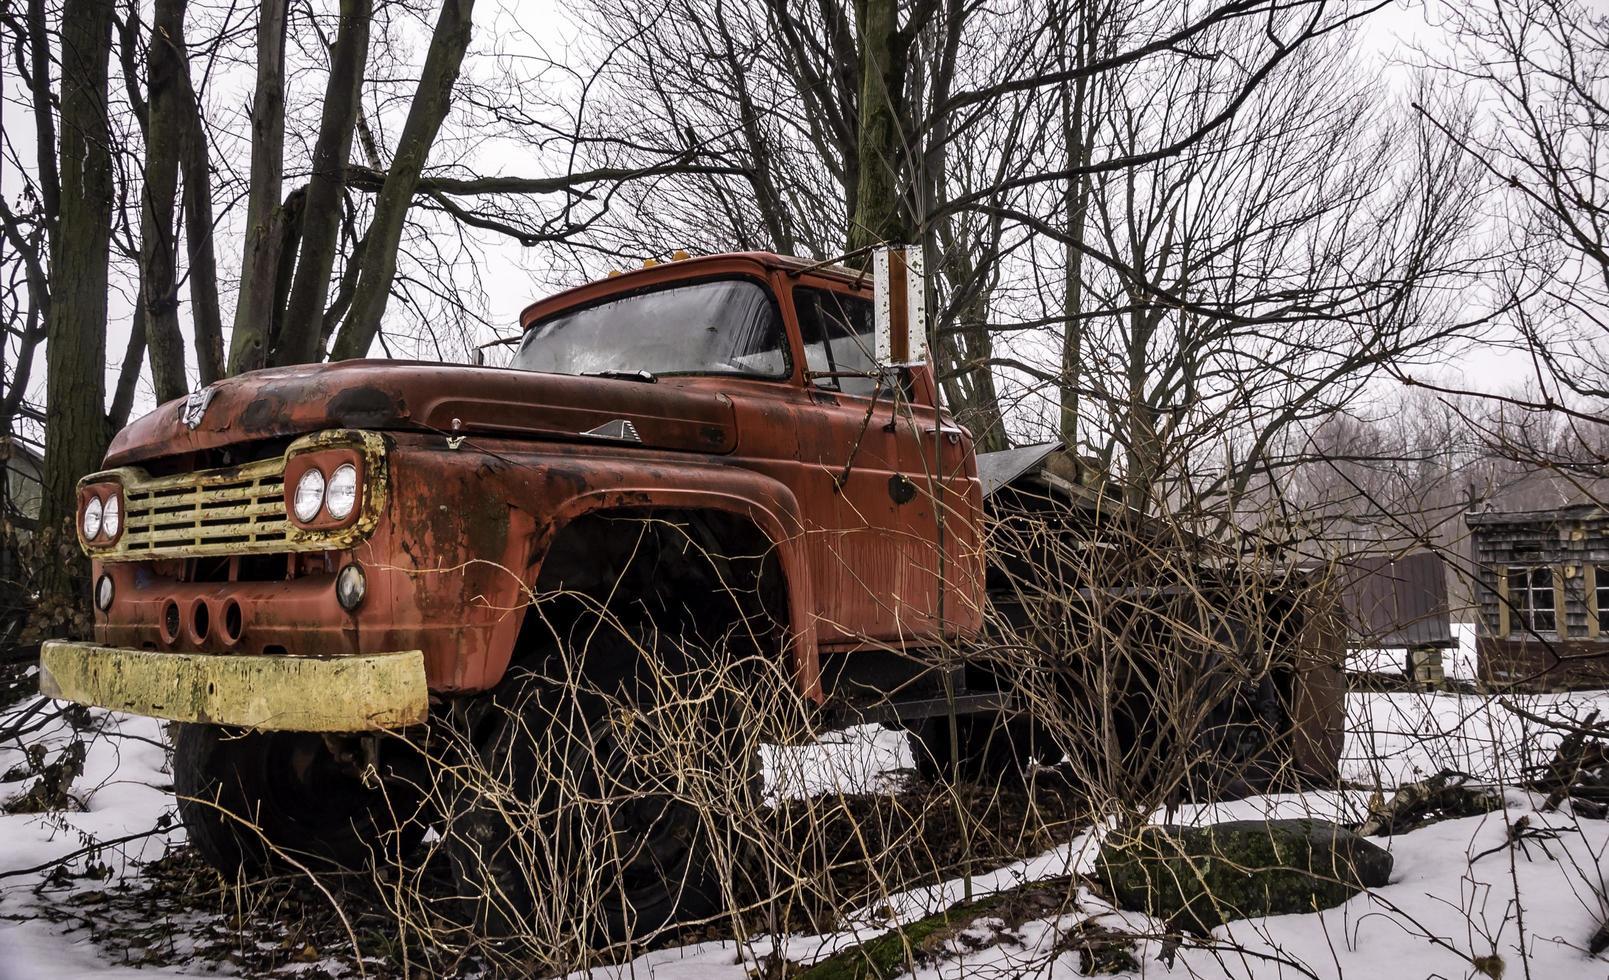 Camion Ford vintage rouillé parmi les arbres dans une cour enneigée photo